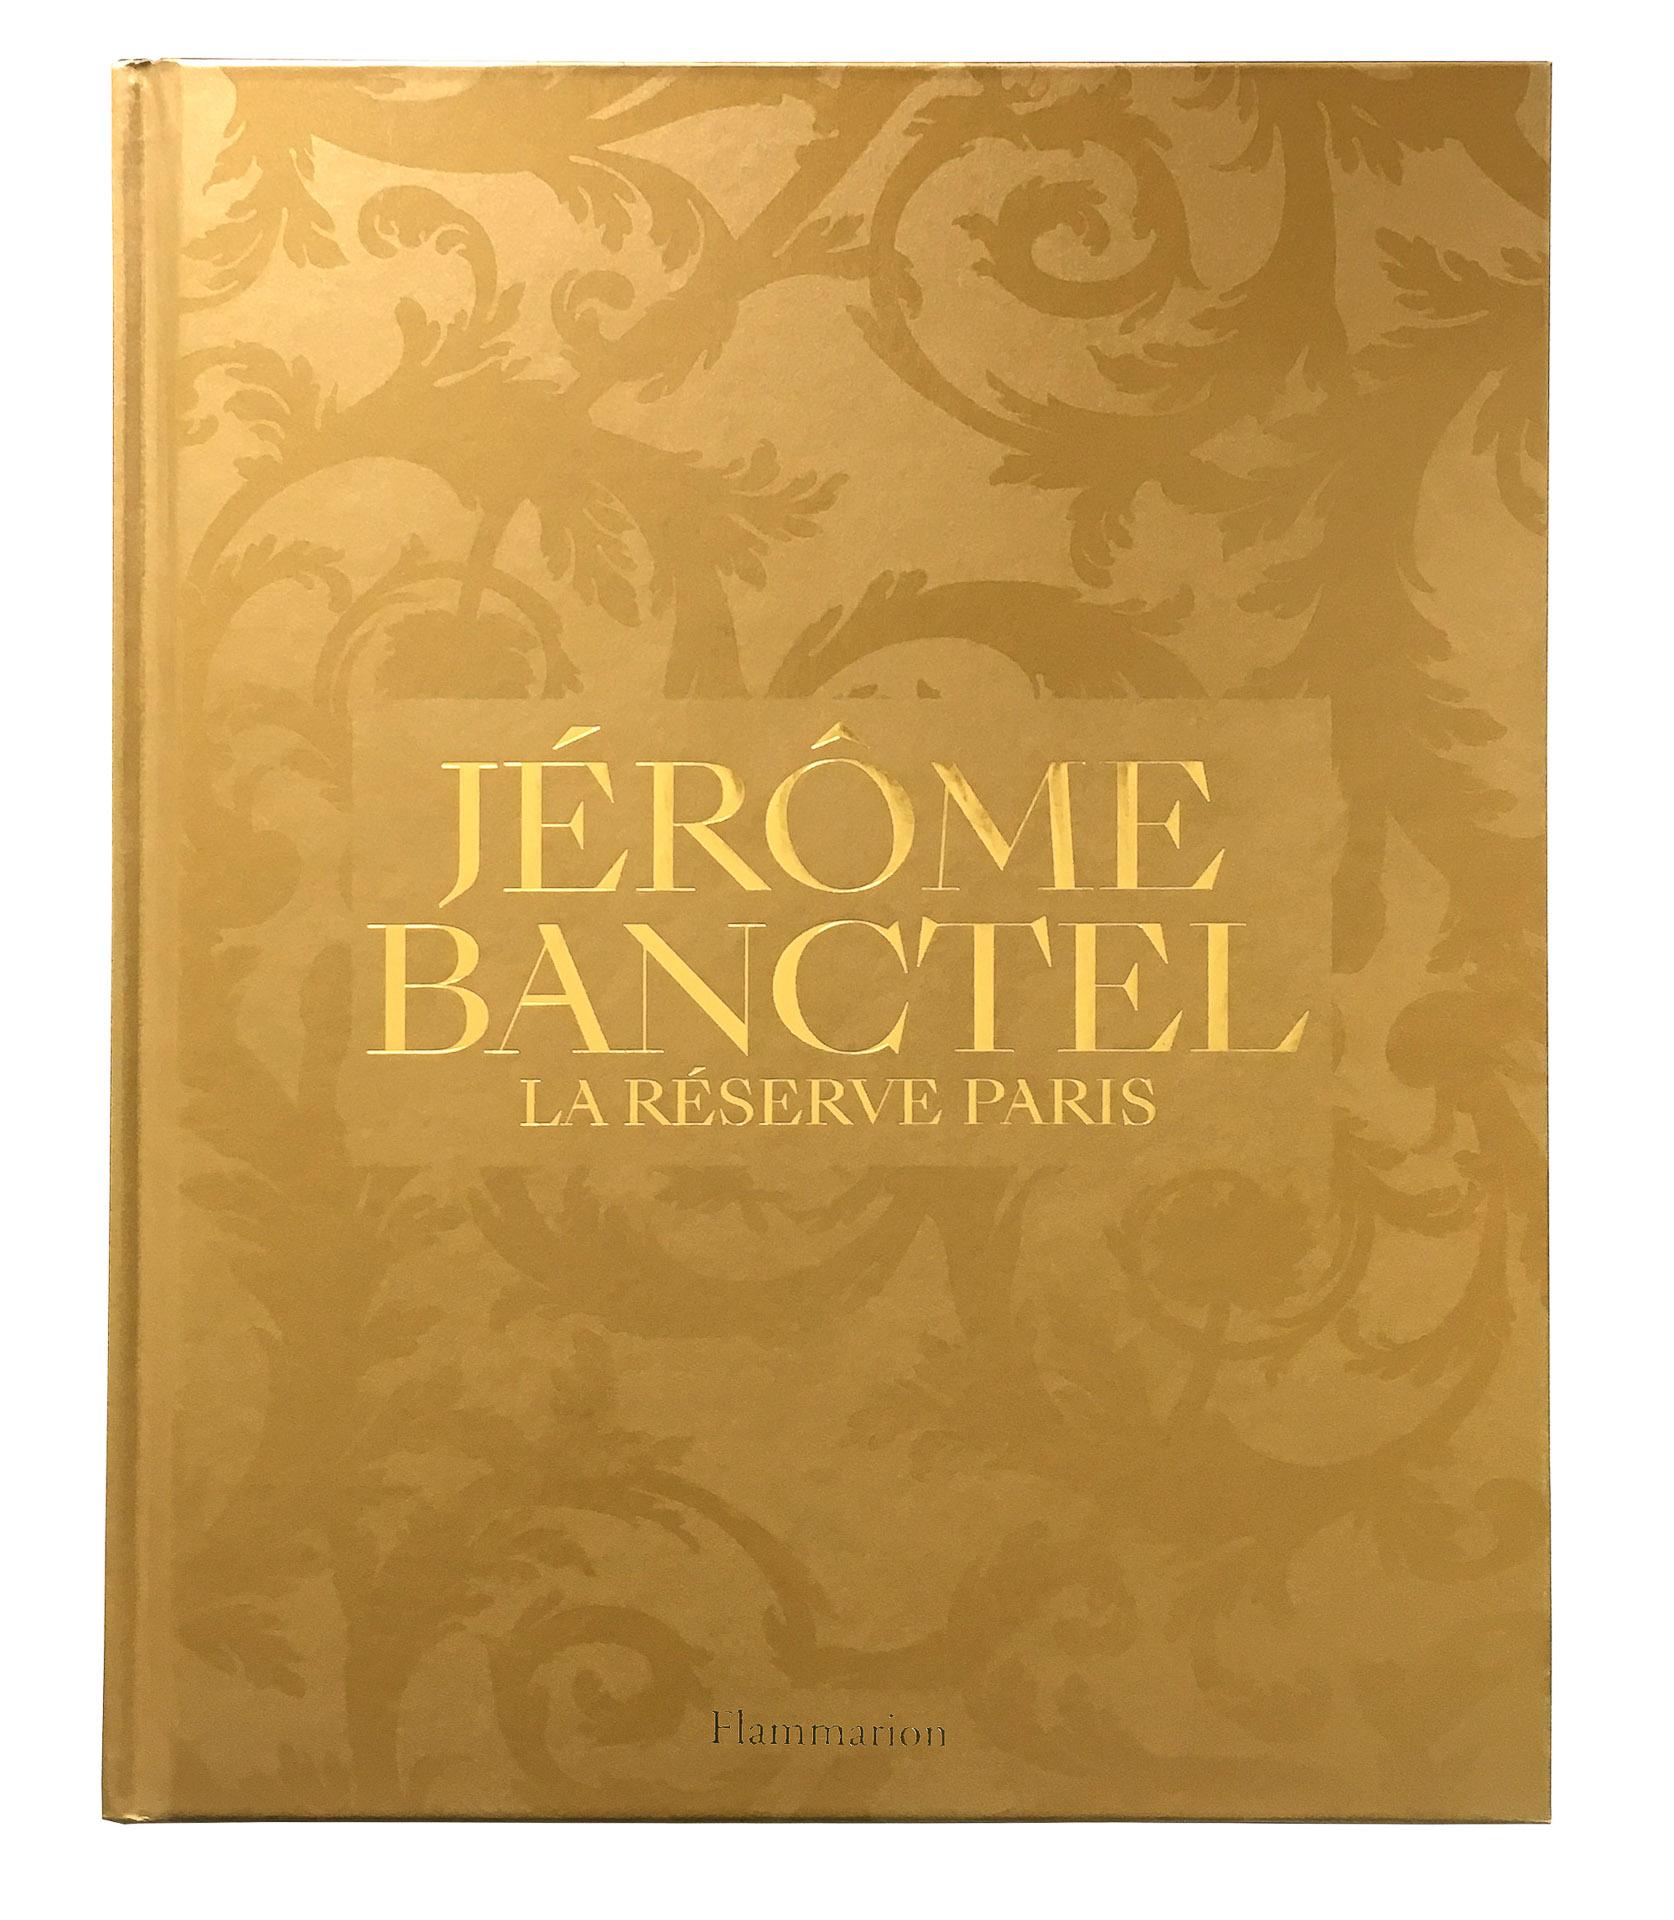 Jérôme Banctel - La Réserve Paris © Editions Flammarion